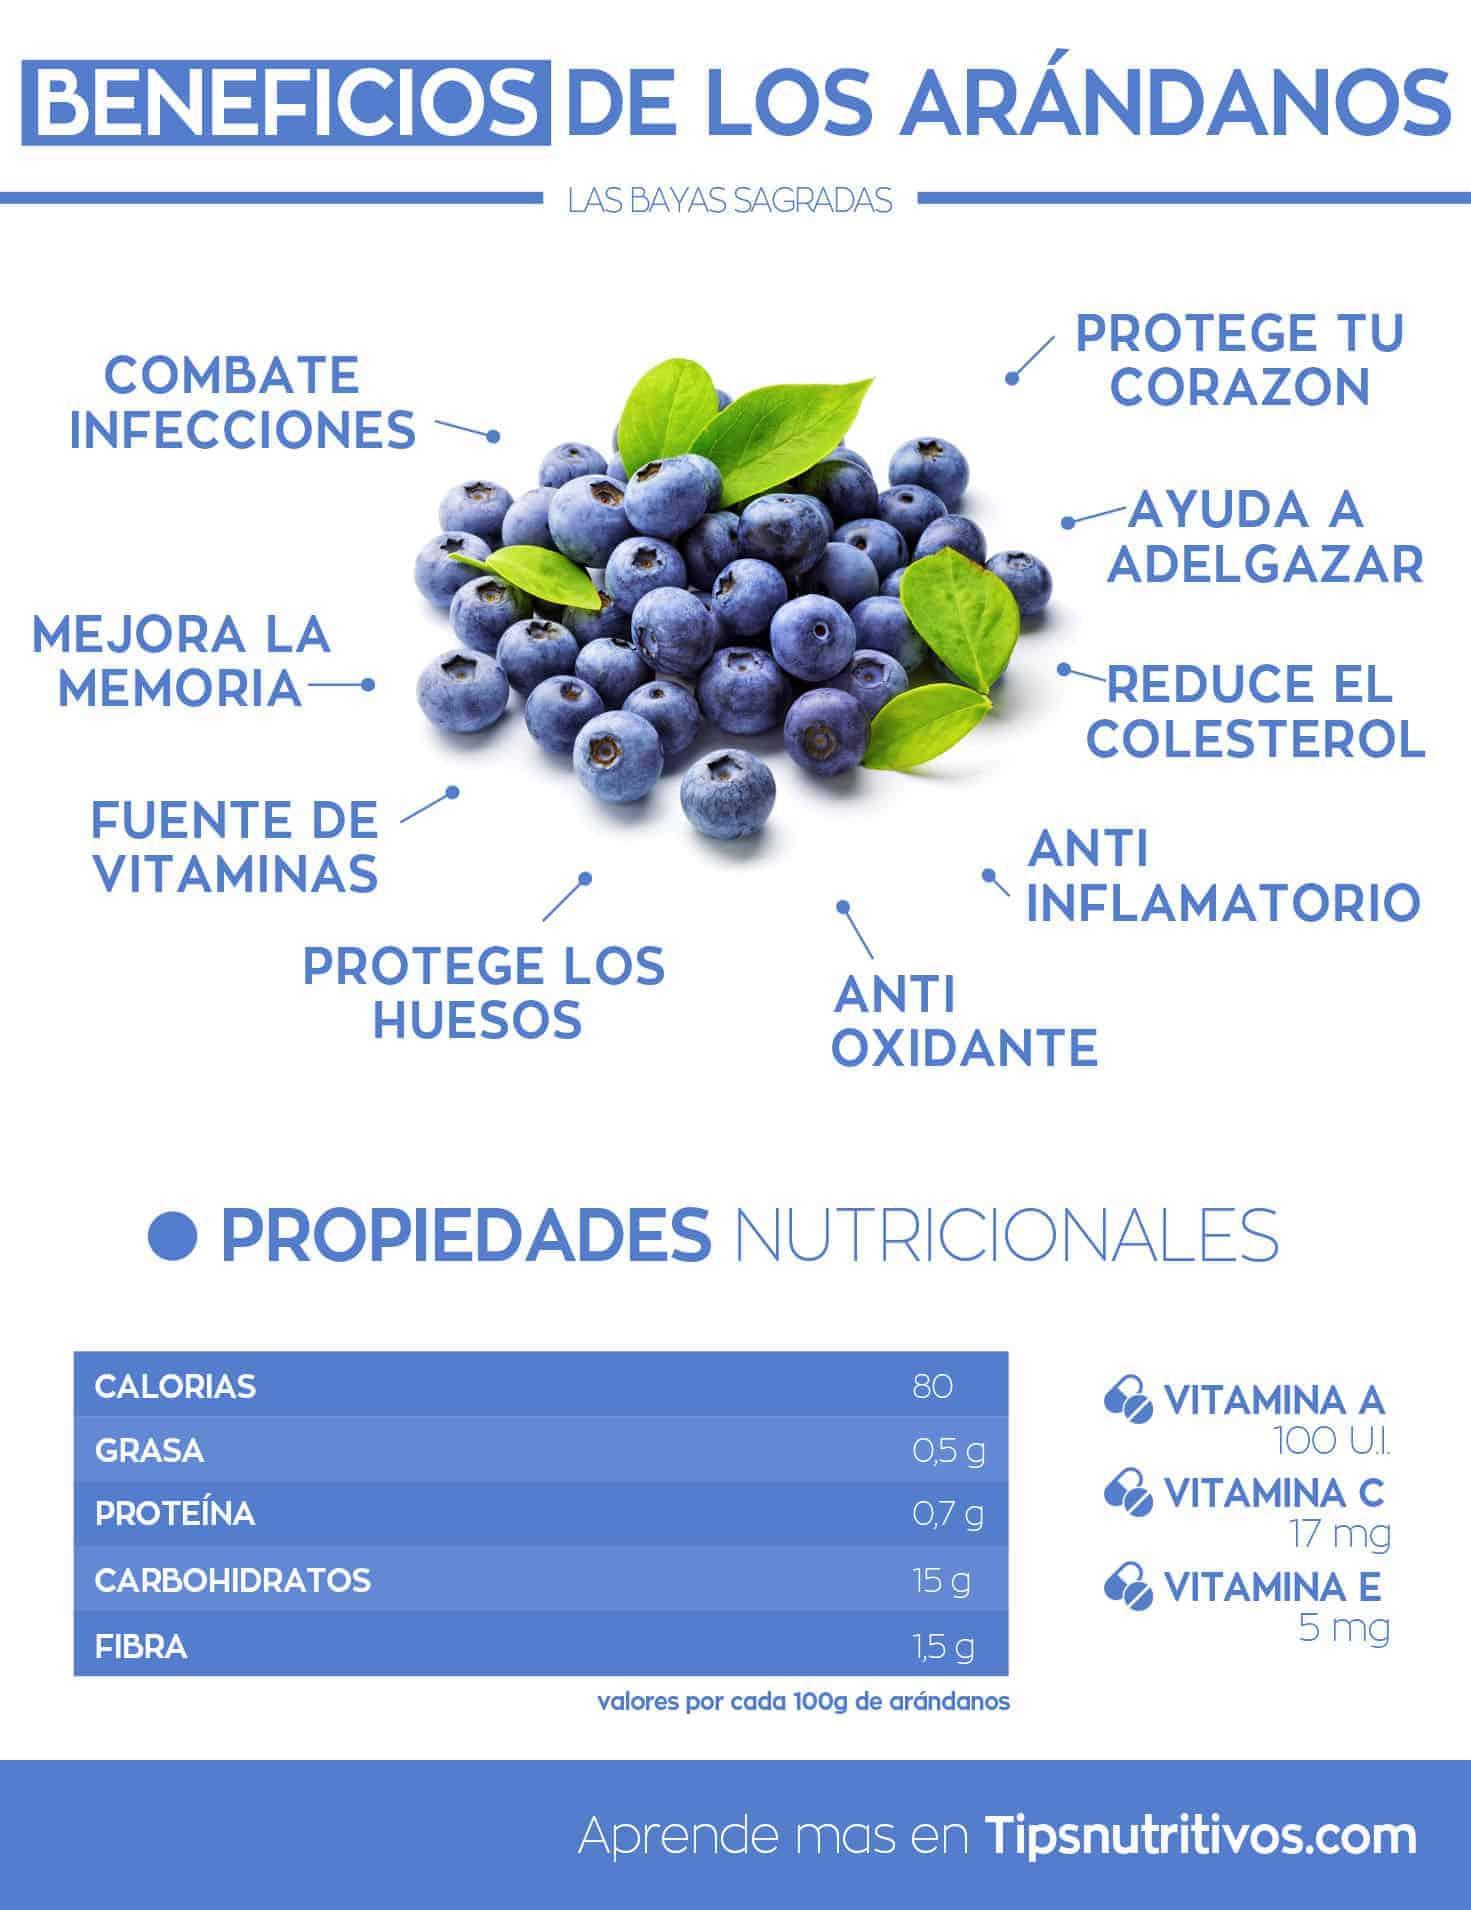 Beneficios de los arandanos - Infografia